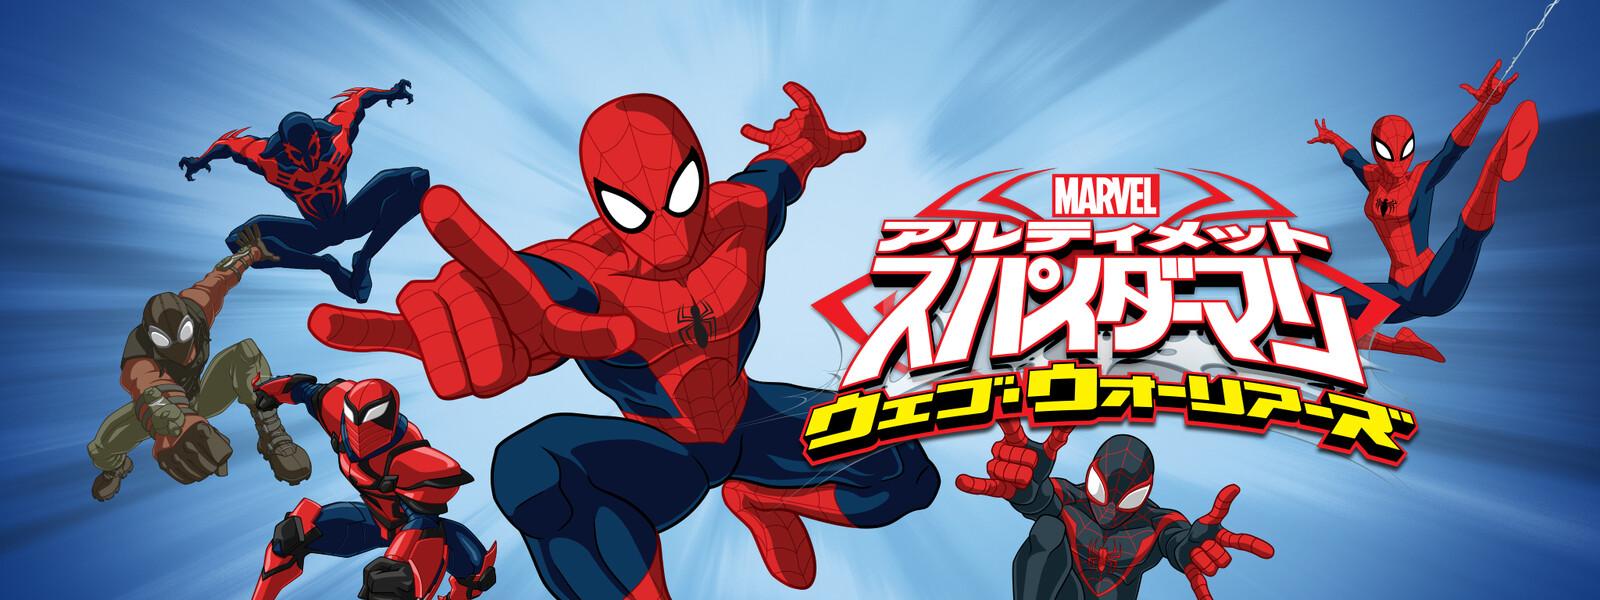 アルティメット・スパイダーマン ウェブ・ウォーリアーズの動画 - アルティメット・スパイダーマン VS シニスター・シックス